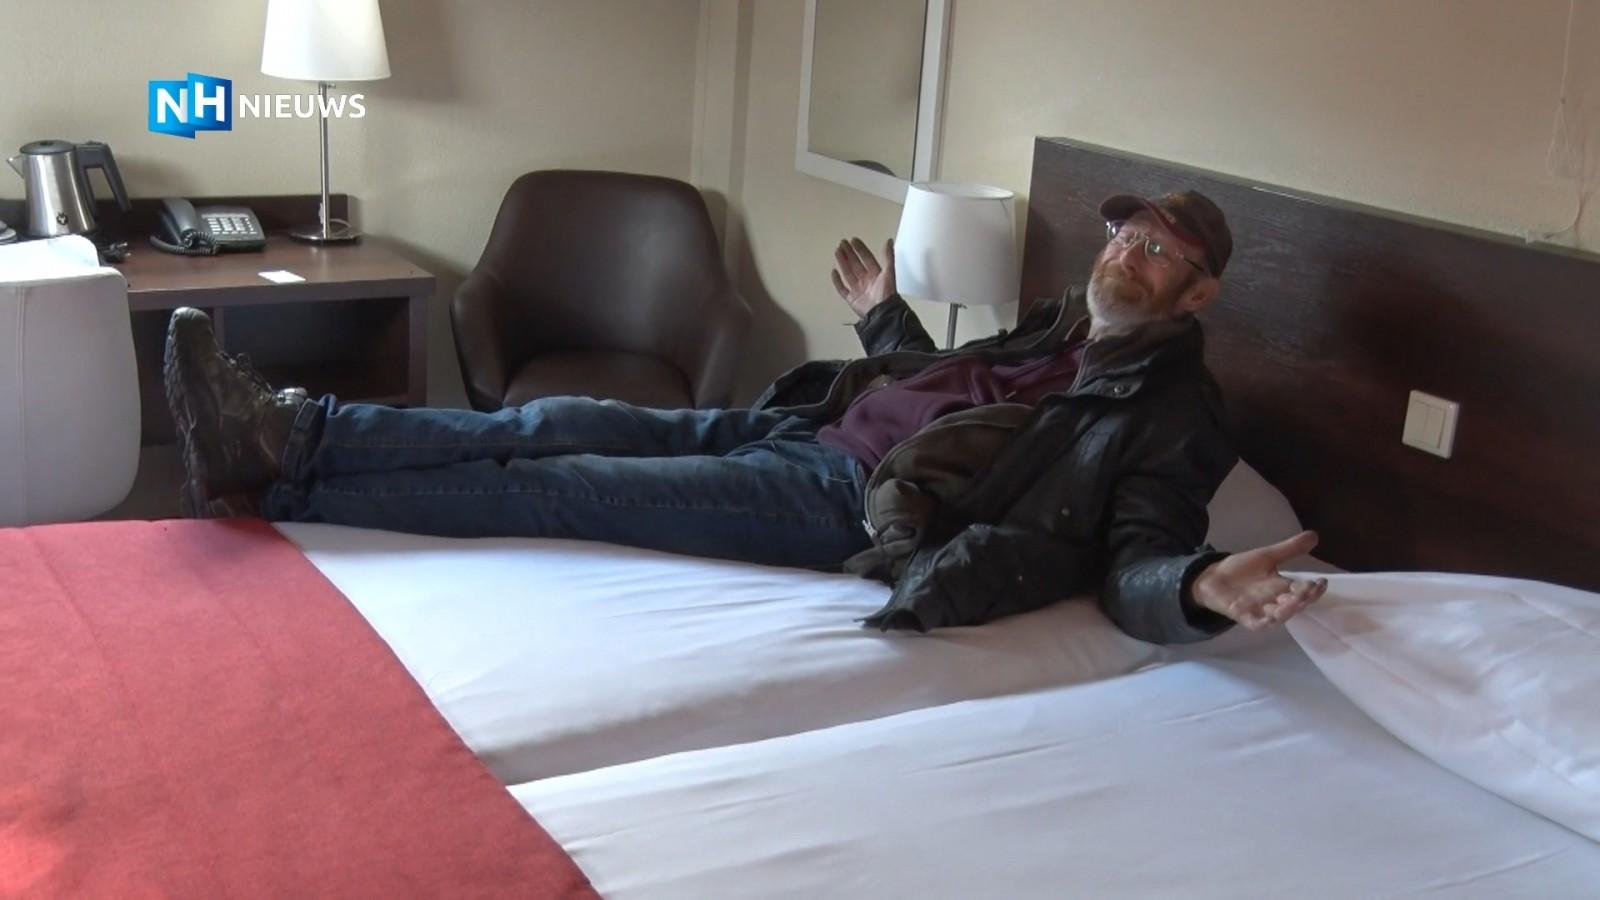 Het voordeel van corona: Hilversumse daklozen mogen tijdelijk in hotel logeren